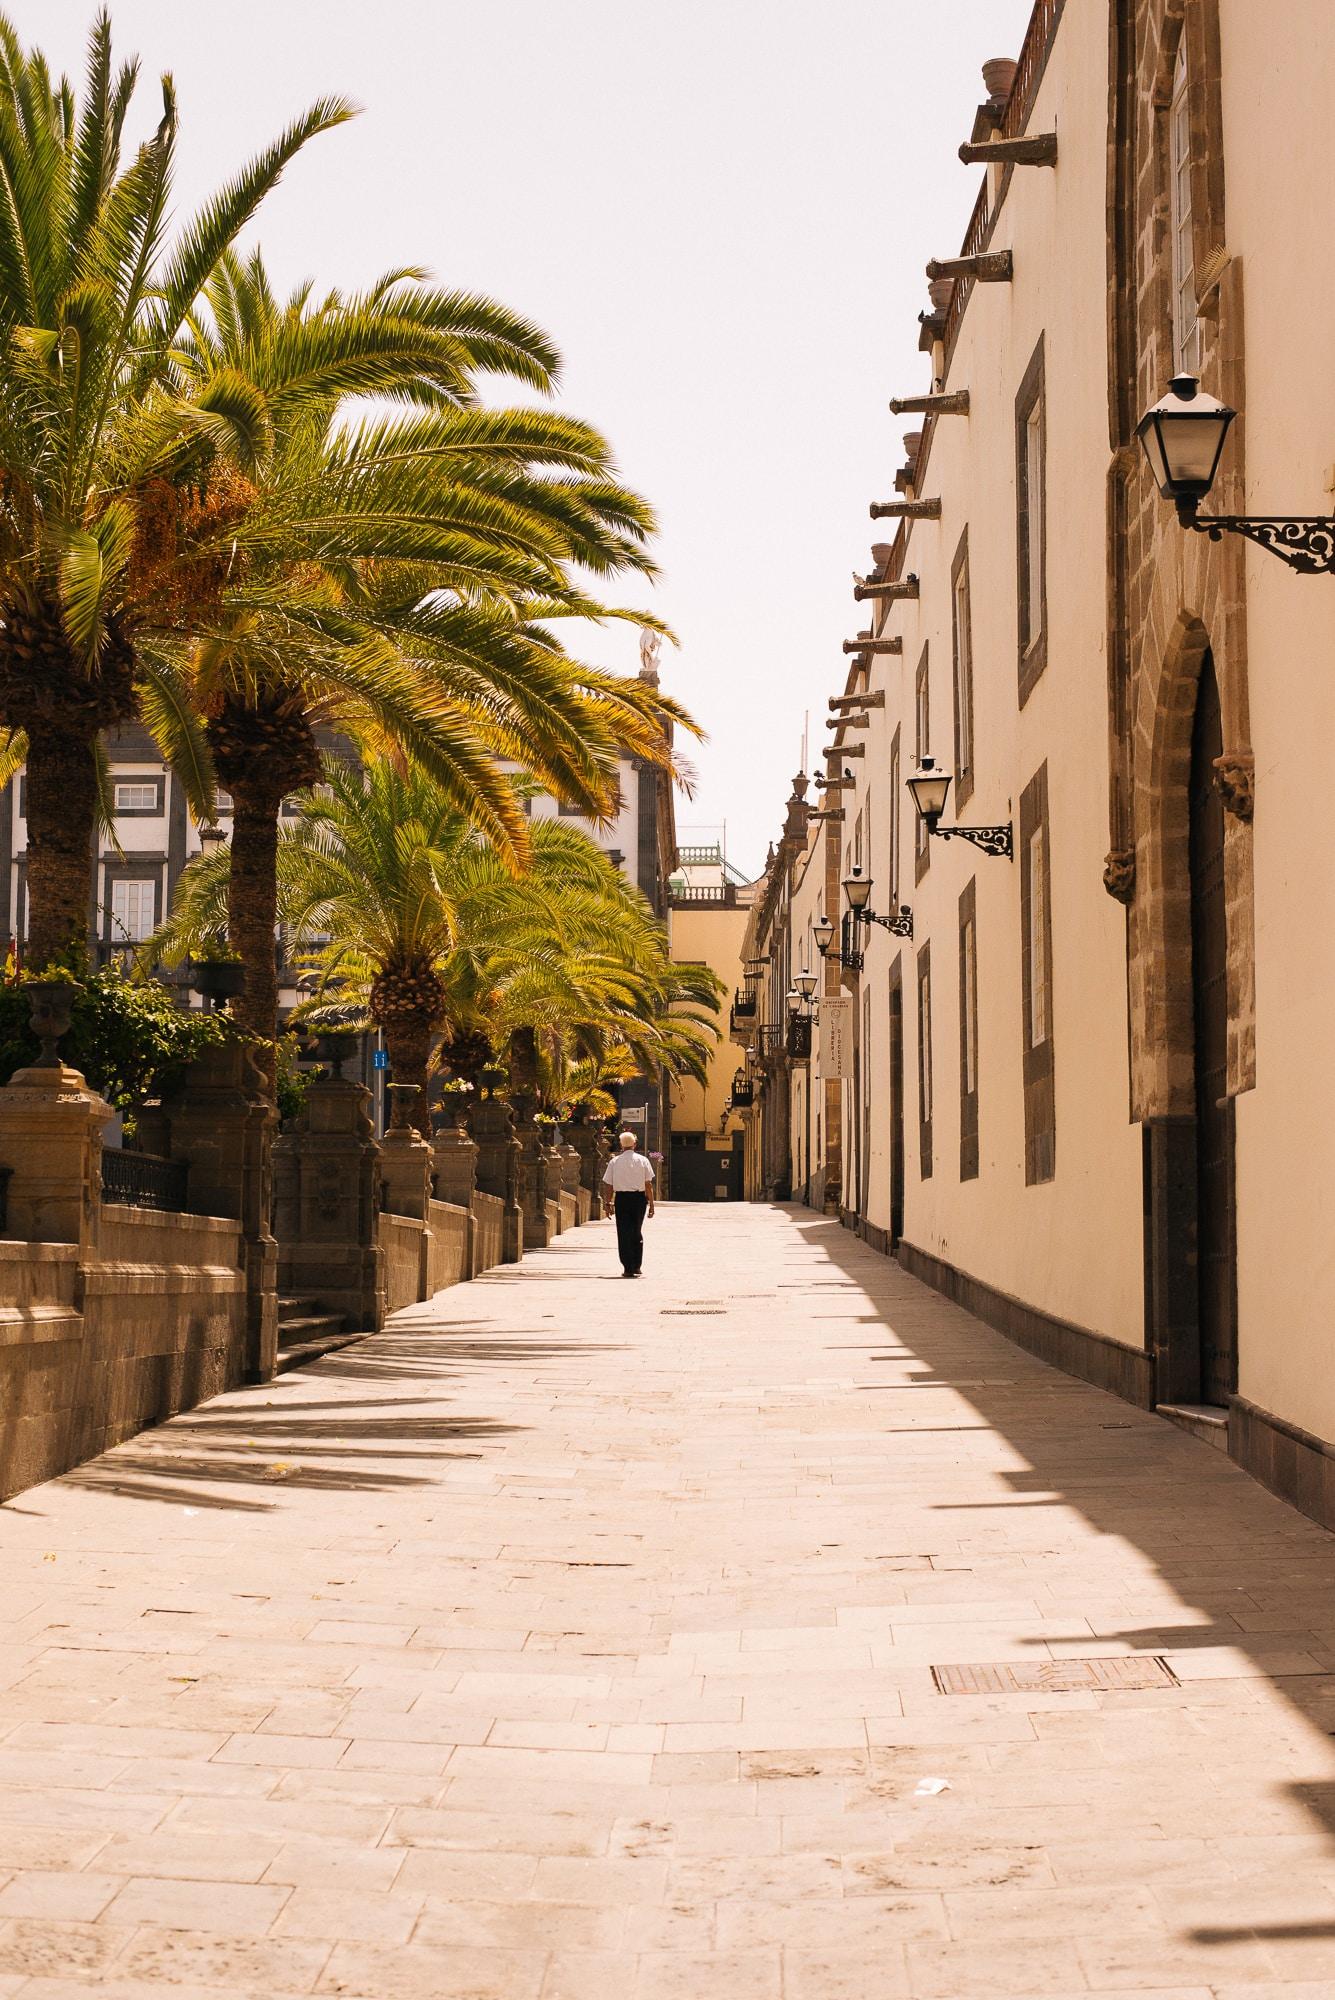 man walking on side walk